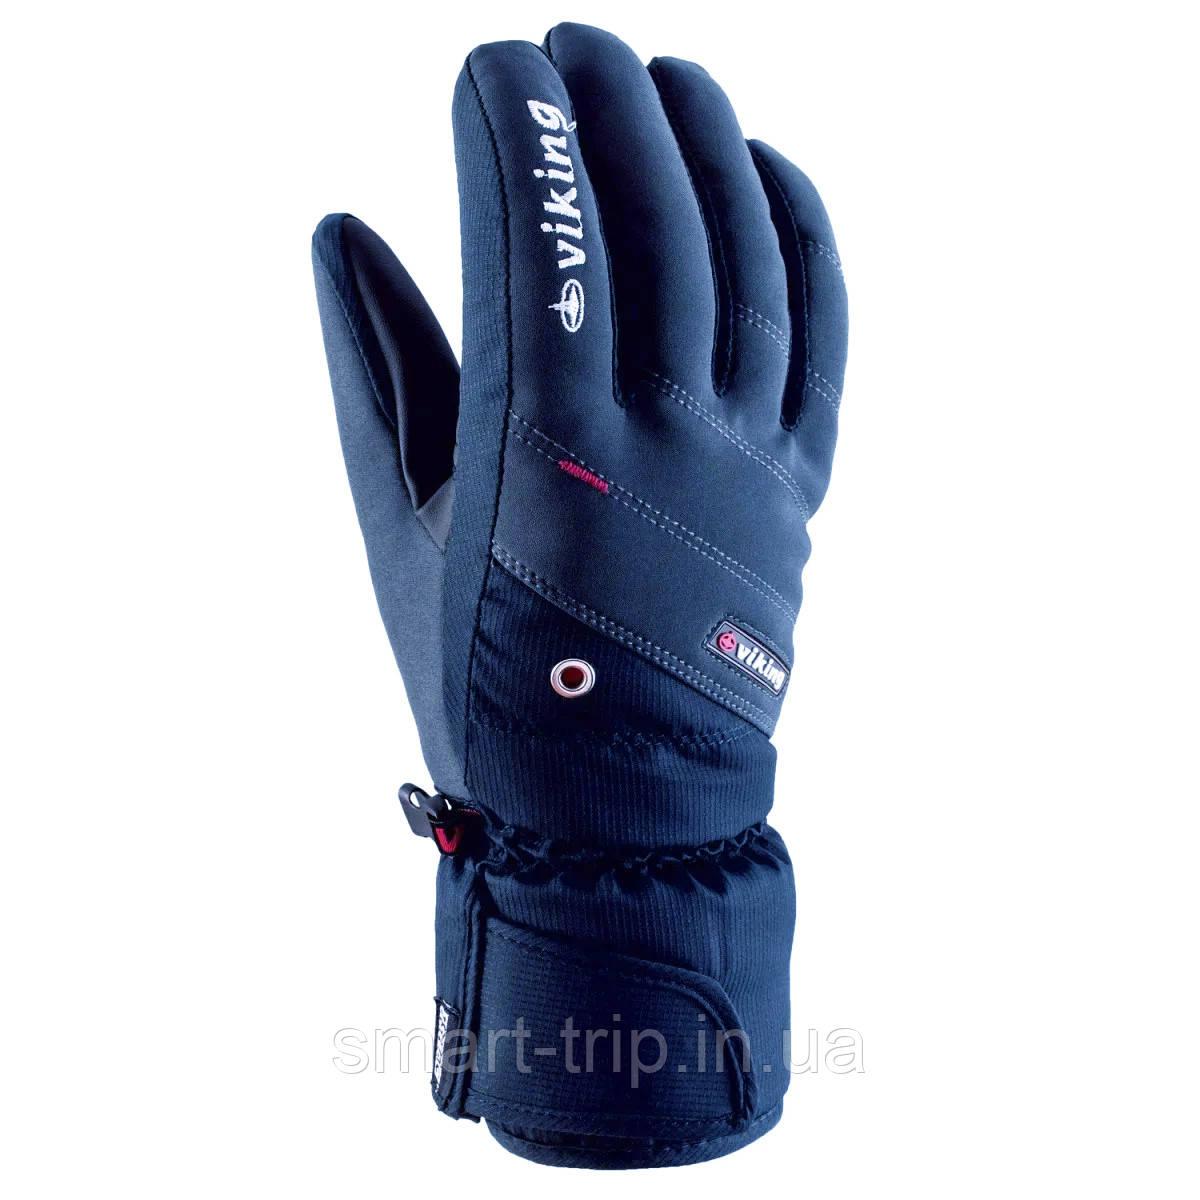 Перчатки VIKING Torin 2020 men 8-10 темно-синие 110161134-19